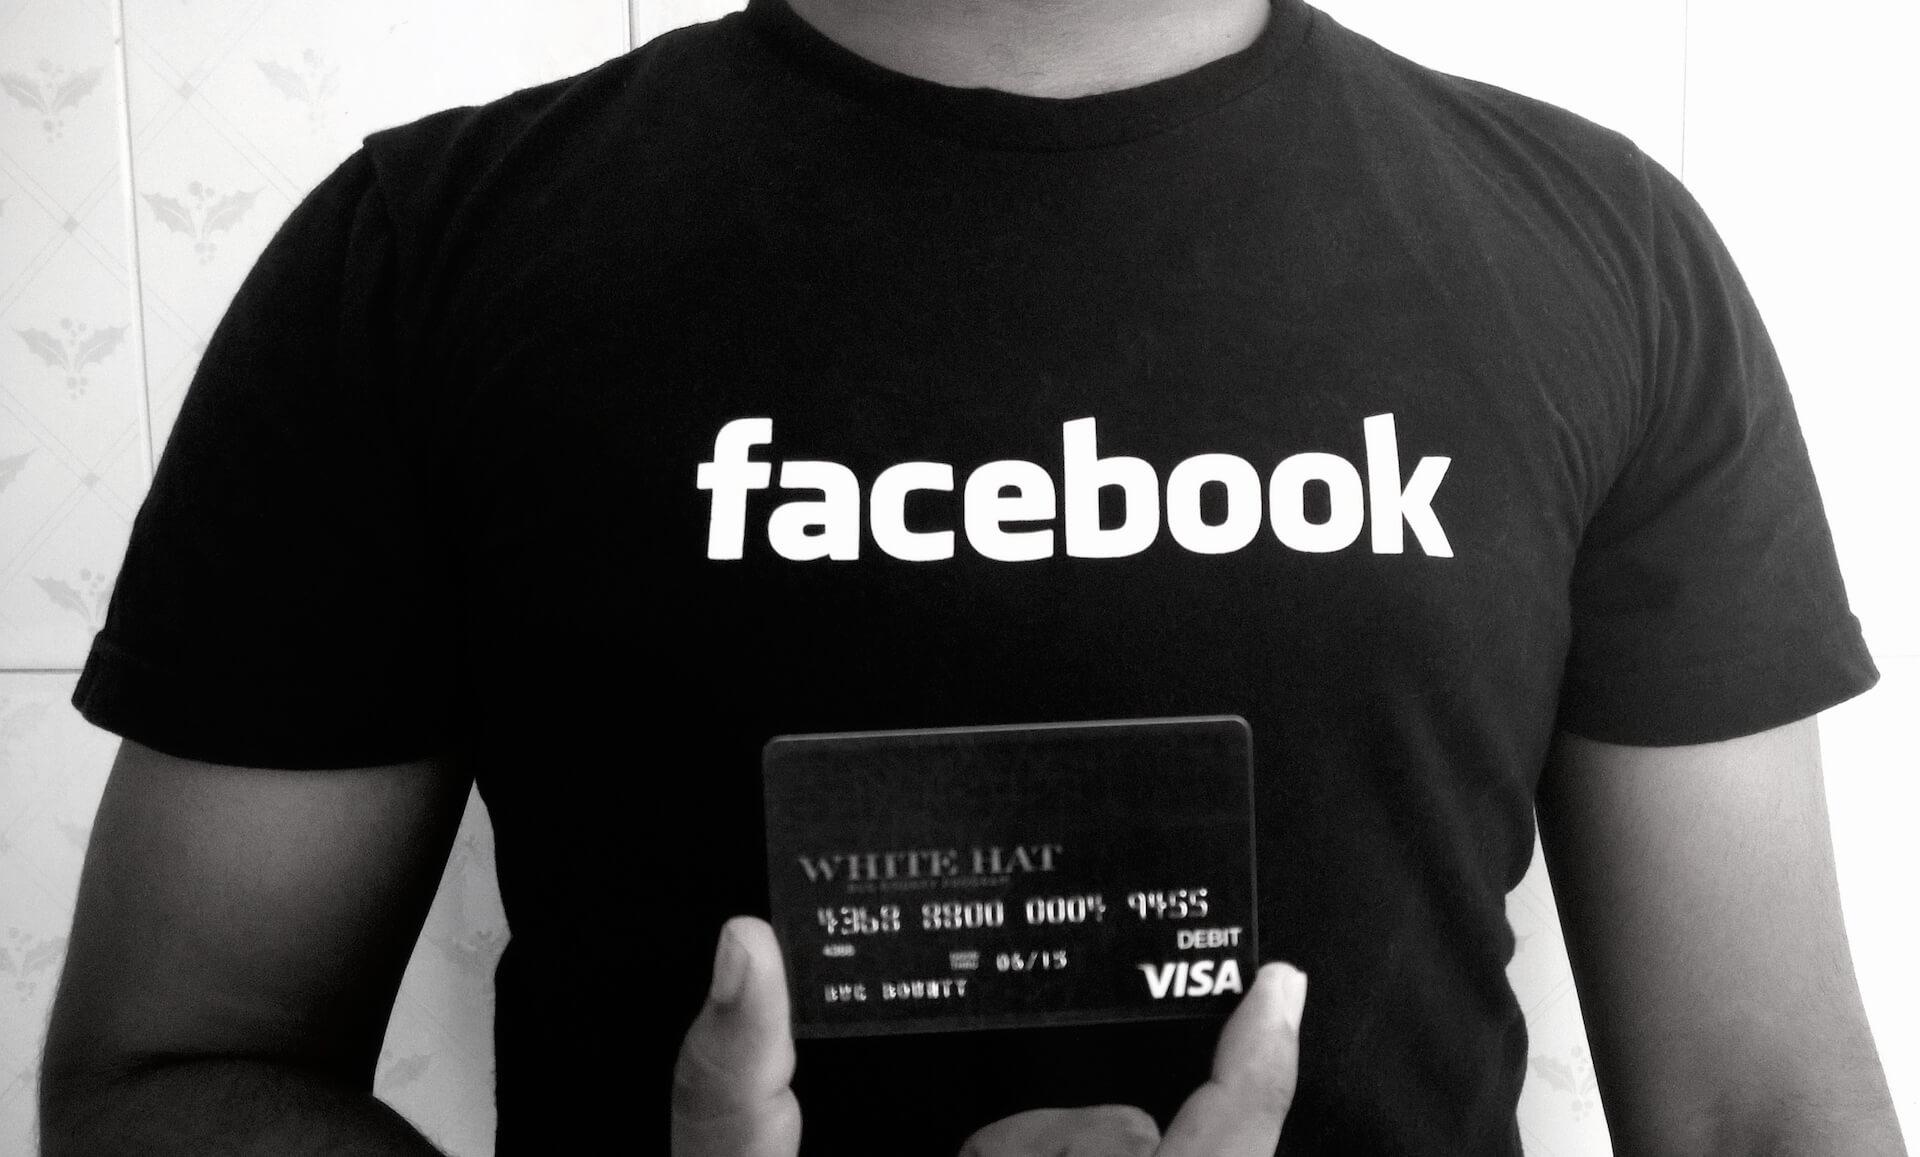 Cosa ha copiato Facebook dagli altri